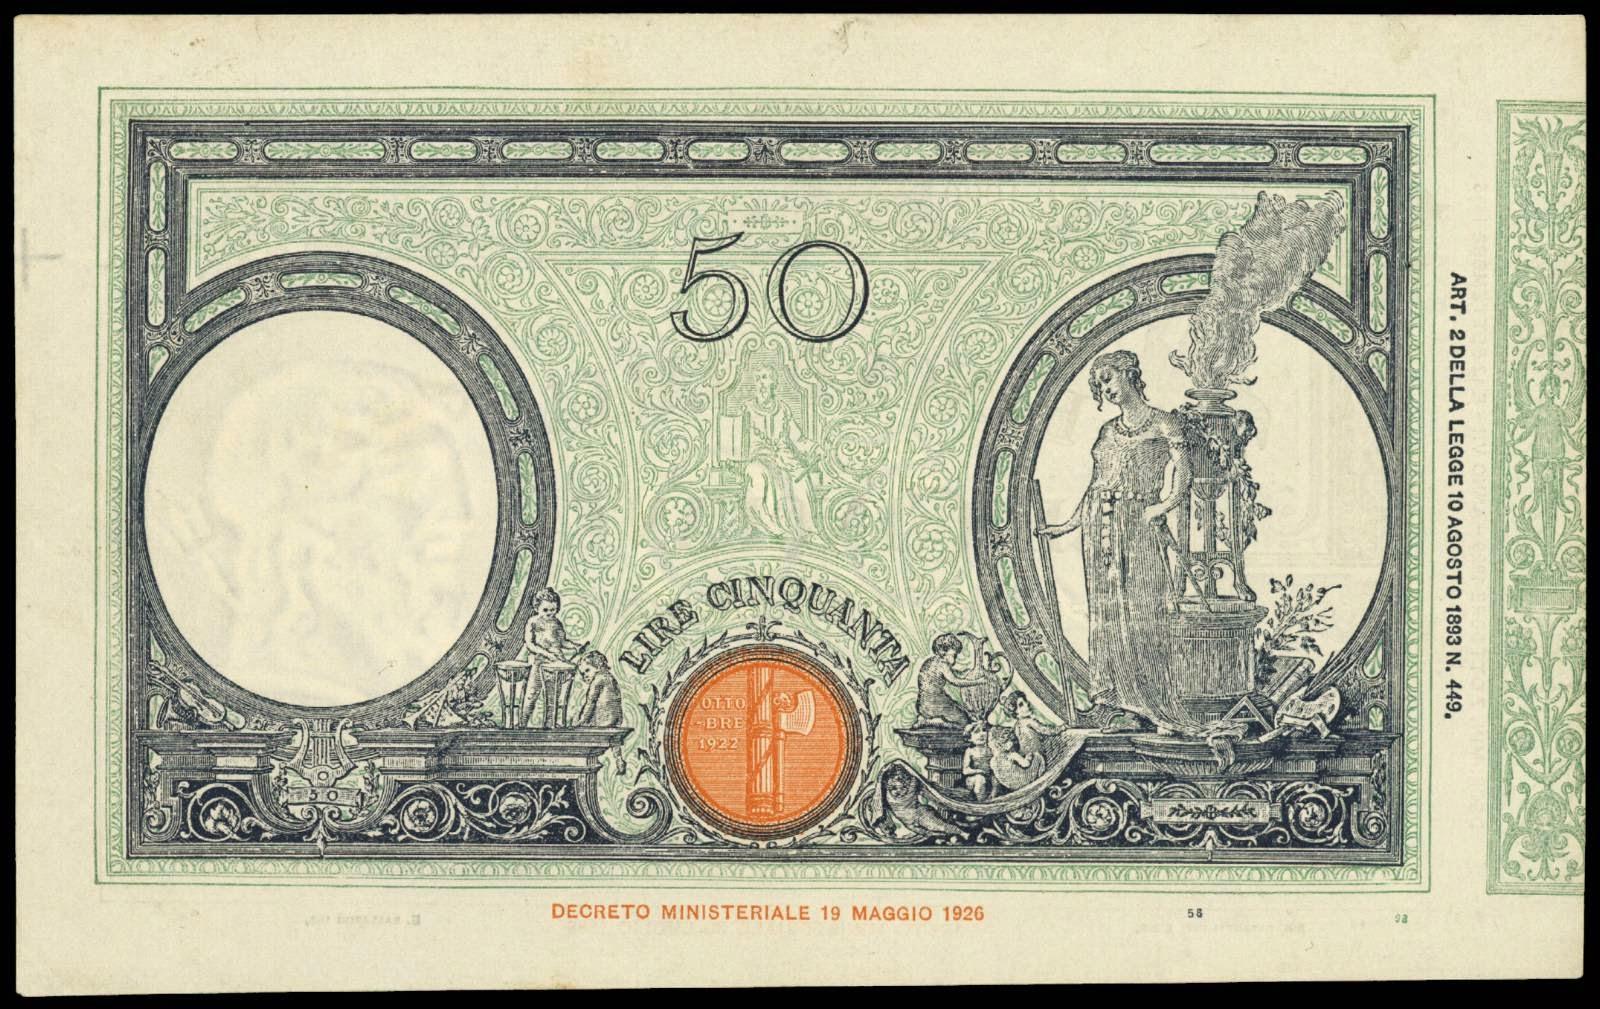 Italy 50 Lira note